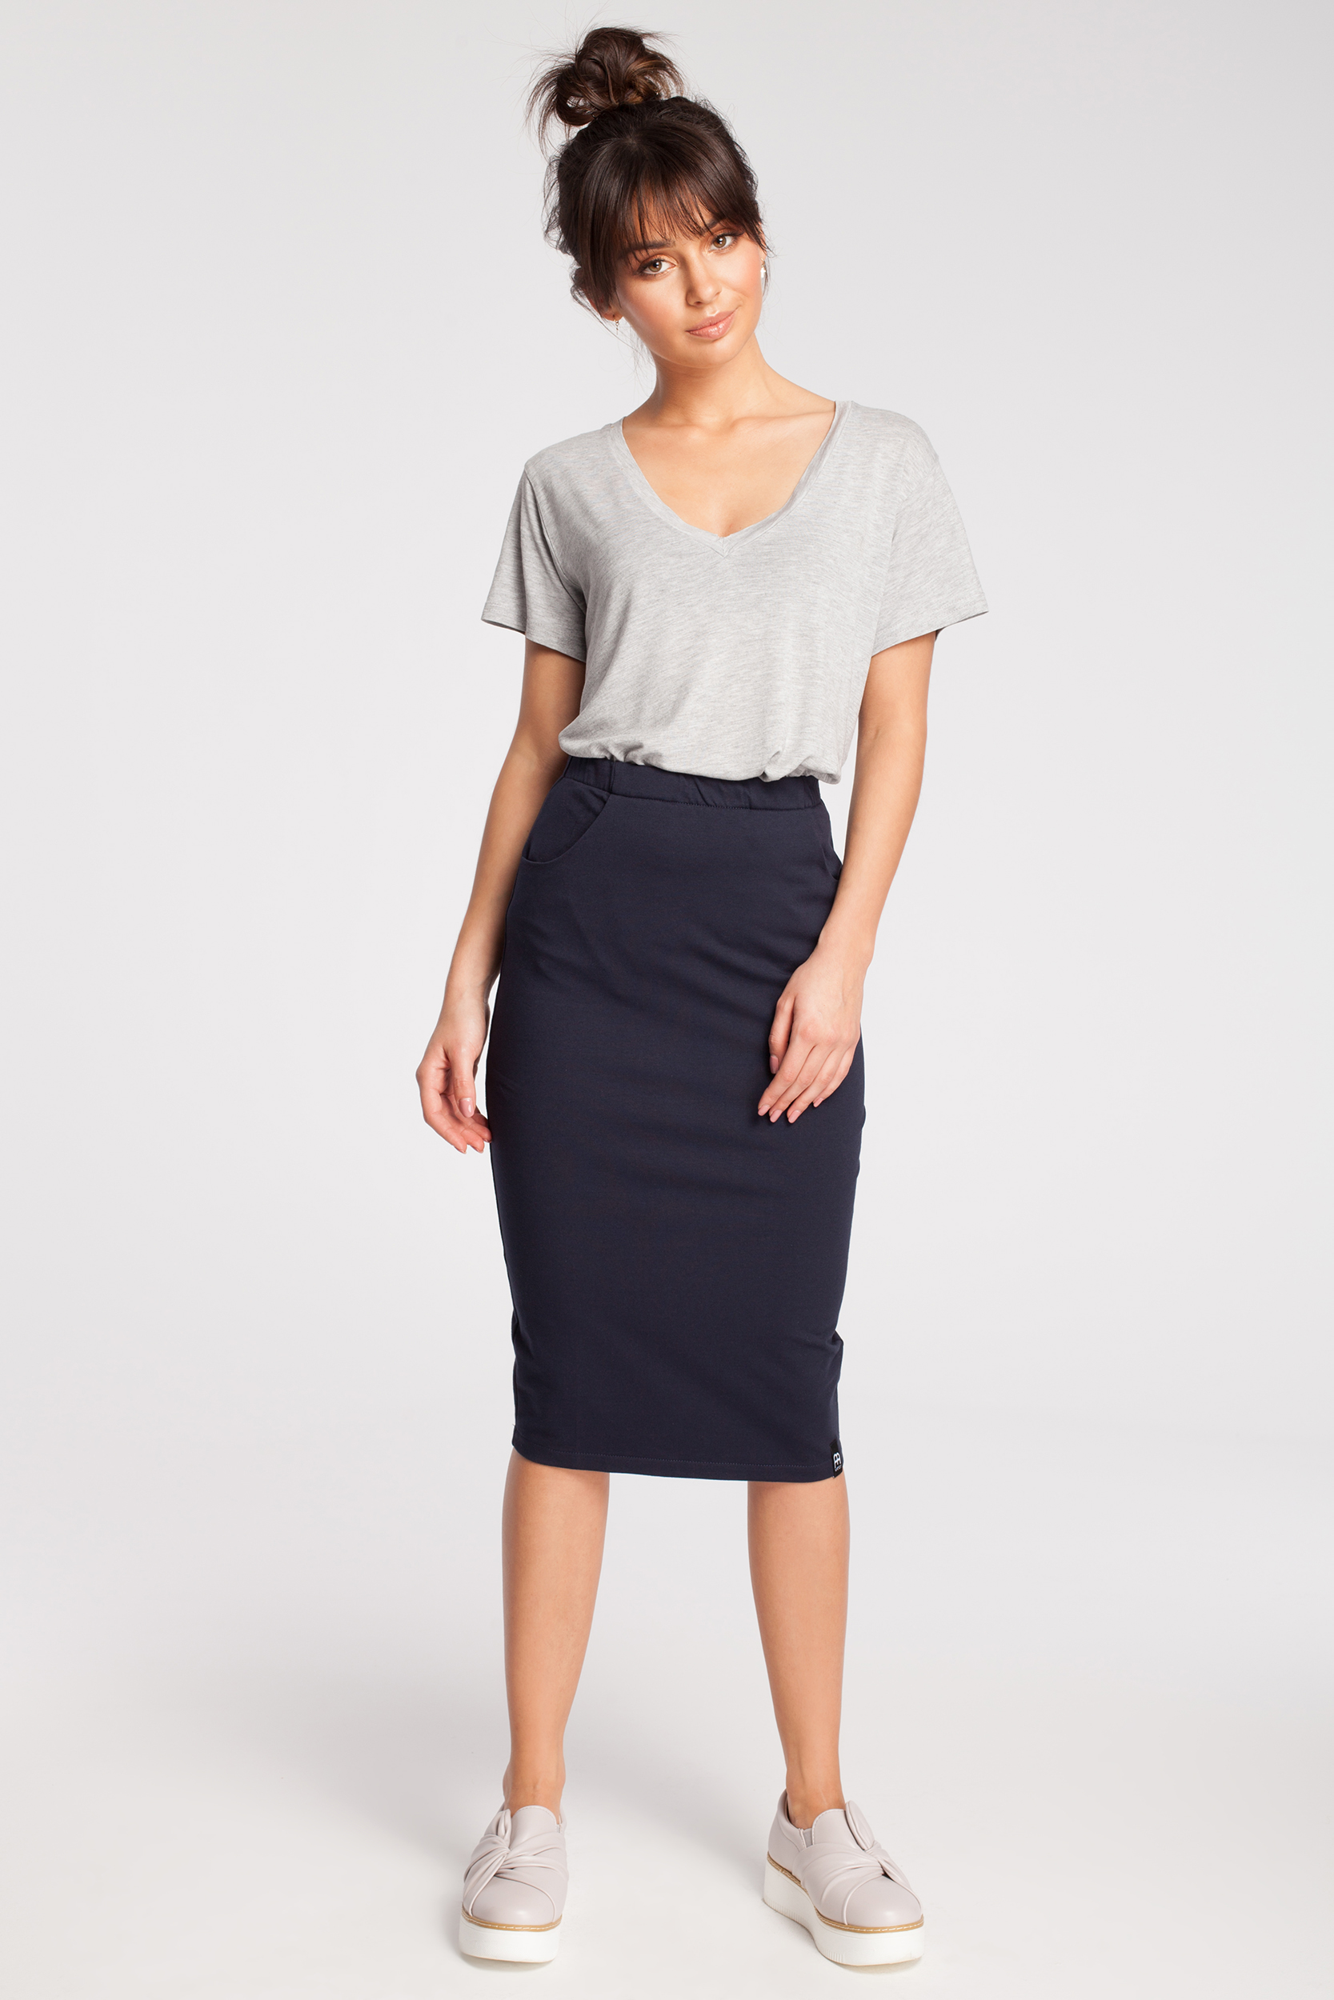 Dámska sukňa B019 - BEwear šedá 38